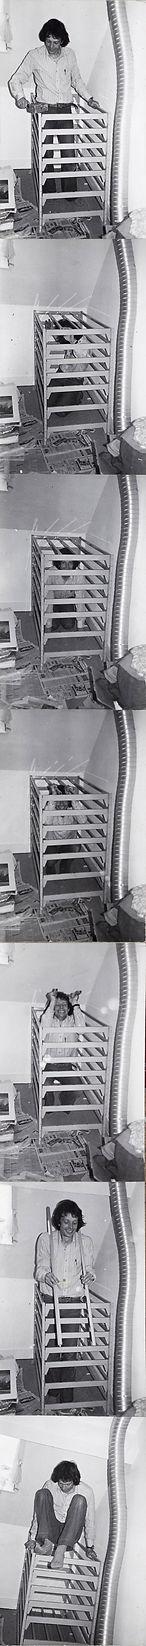 Ours en cage, né à Berne, (dé)construction